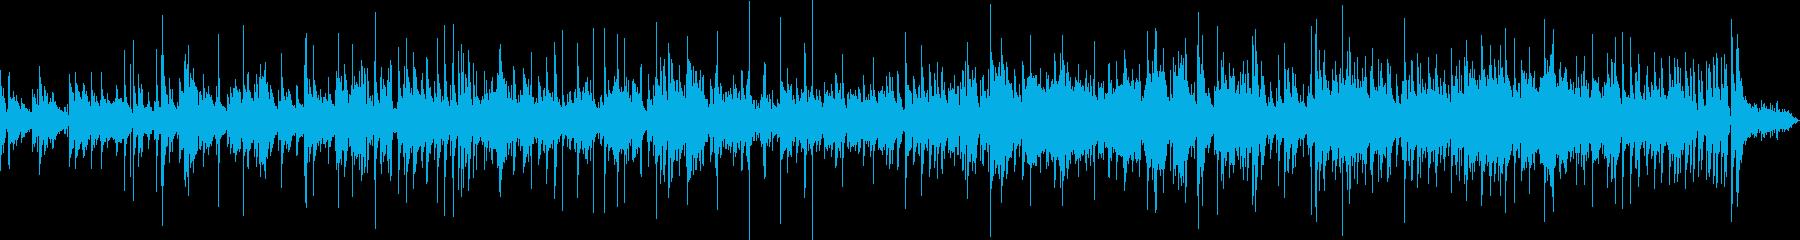 生ギター ゆるいスイートジャズブルースの再生済みの波形